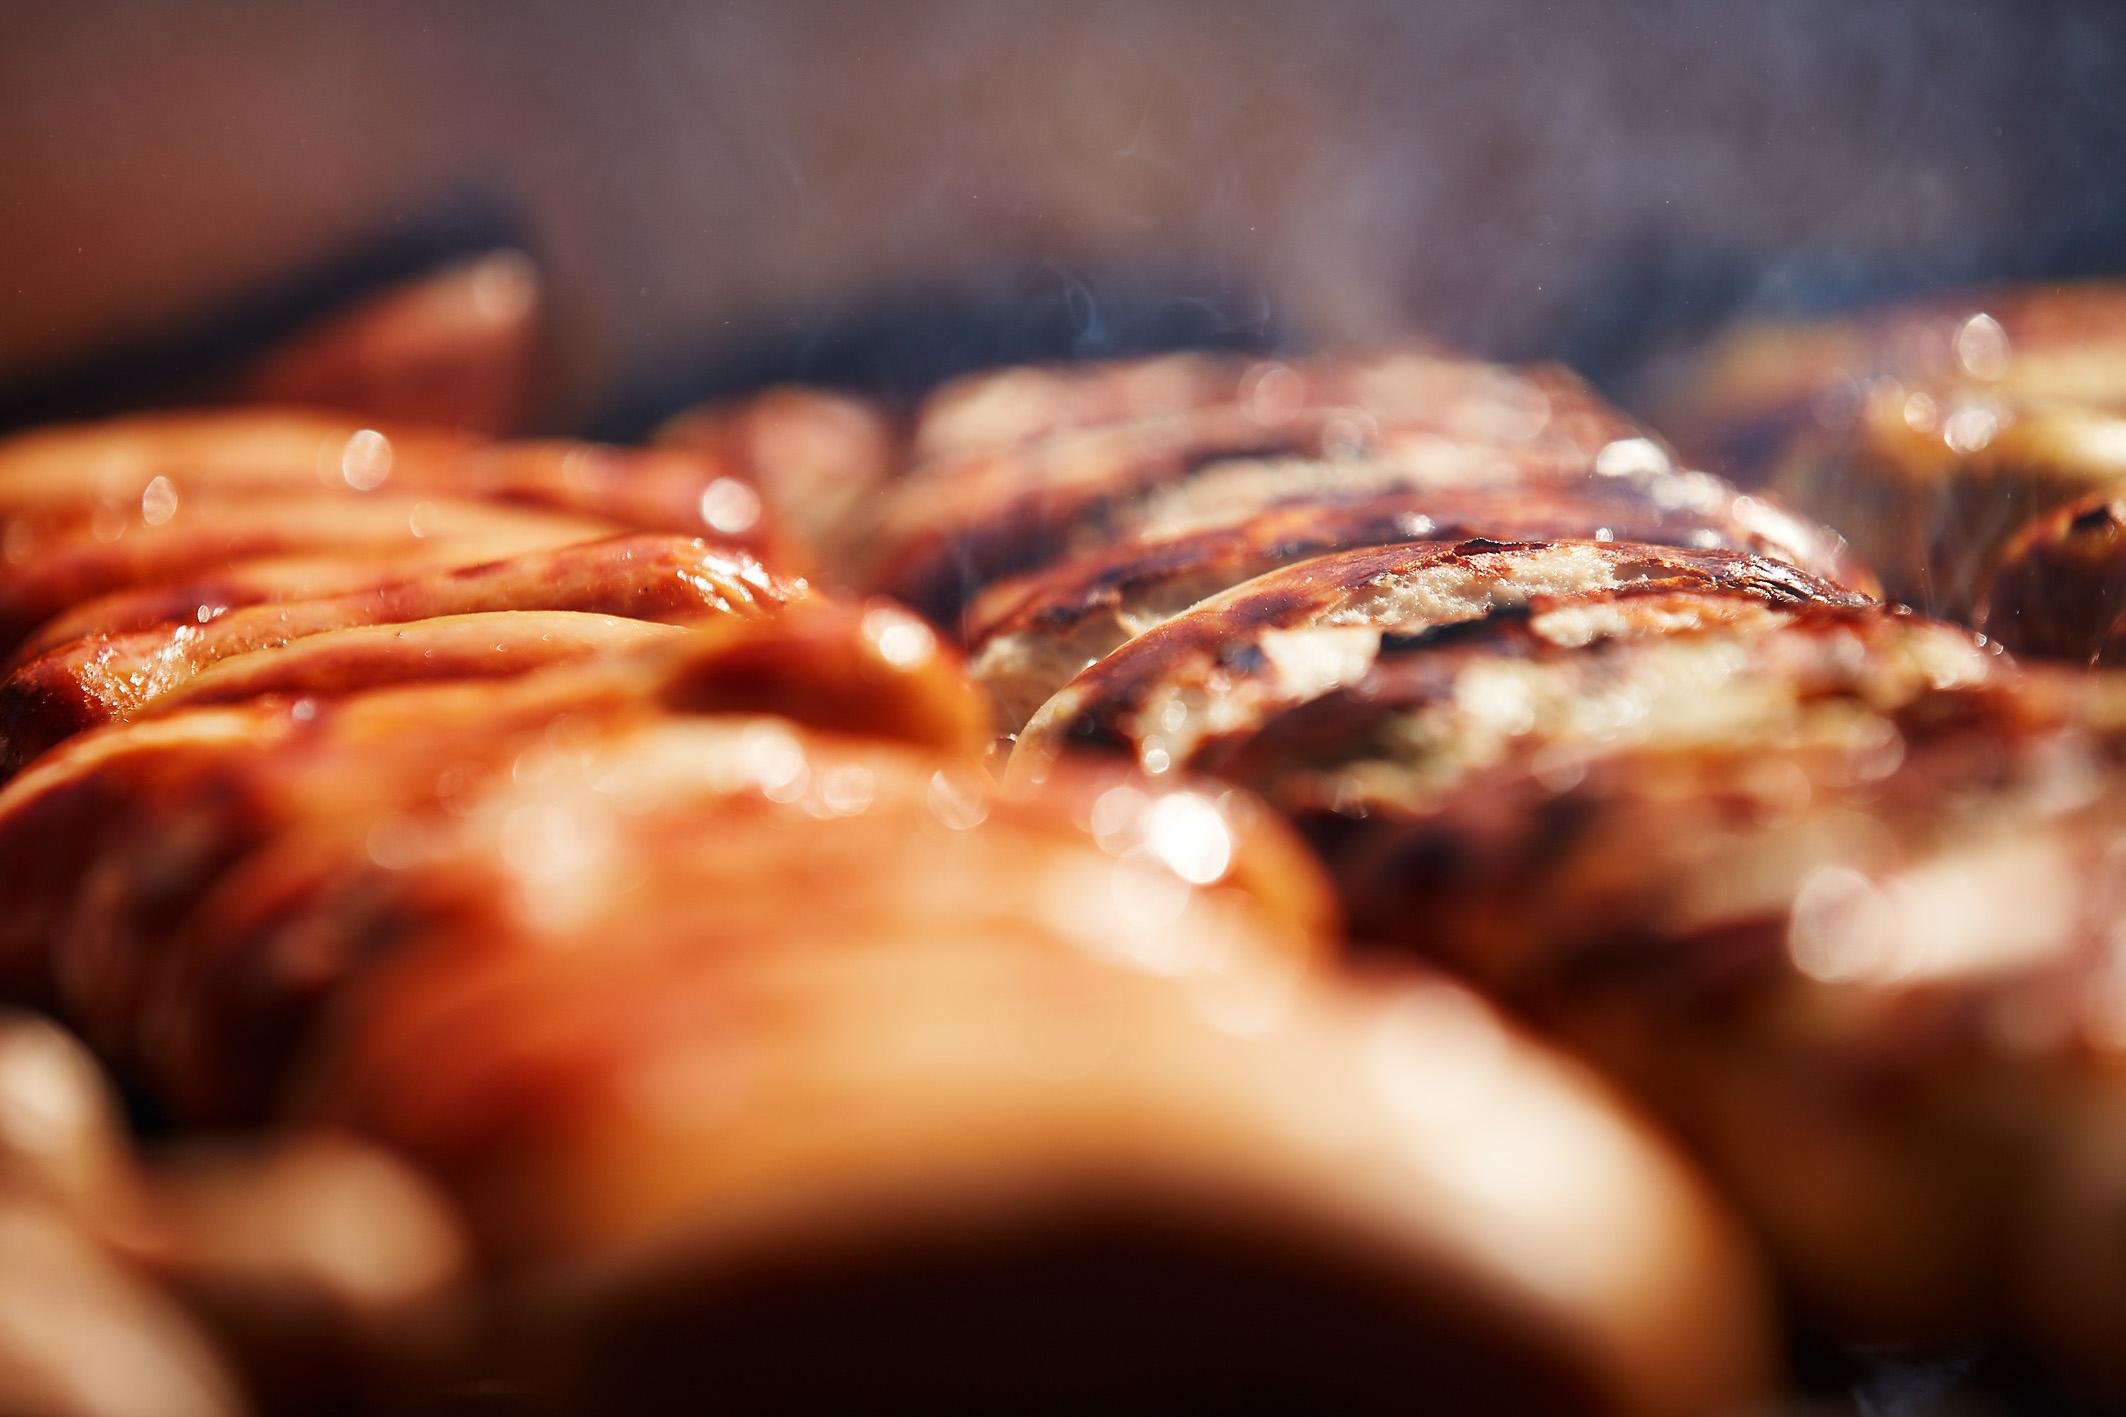 grillstand